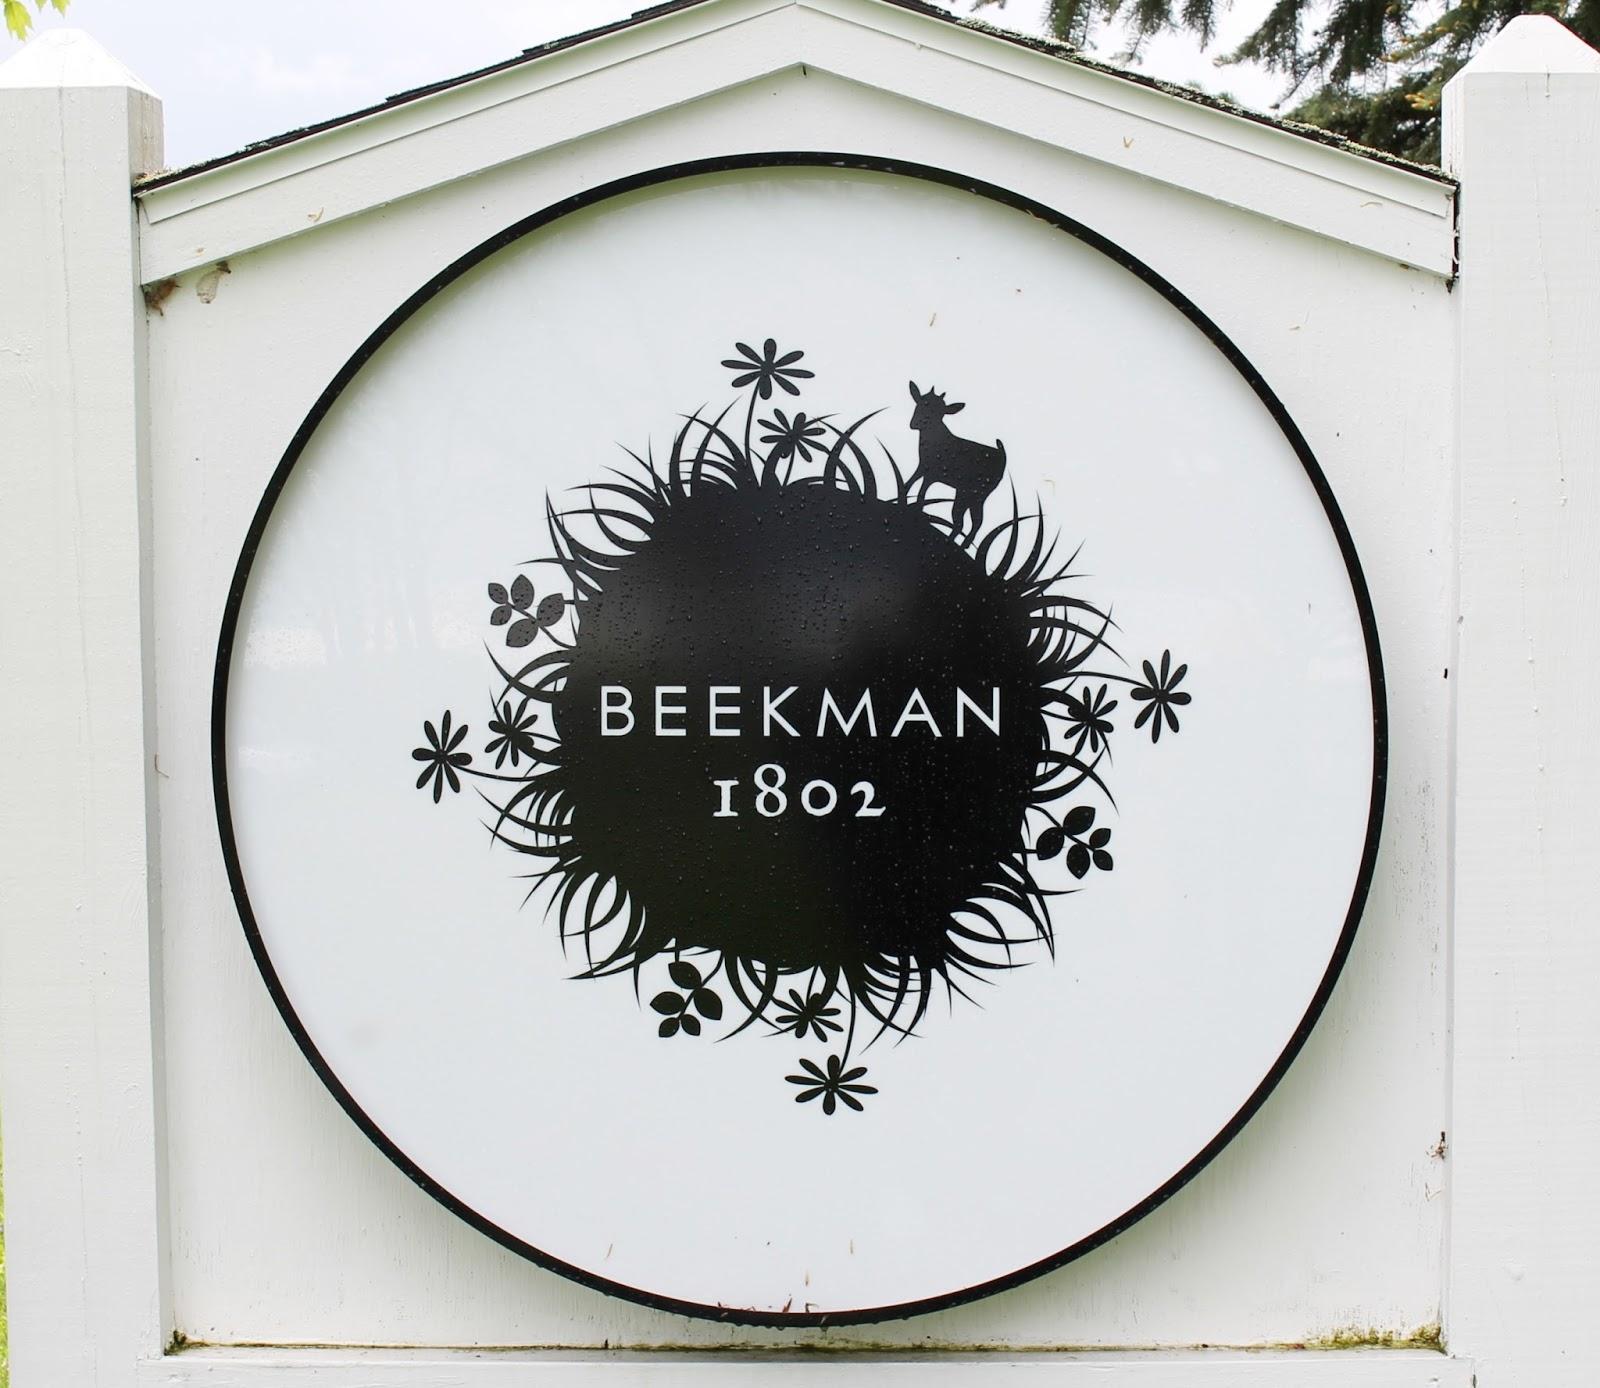 The Beekman Boys 1802 Farm Tour & Garden Party